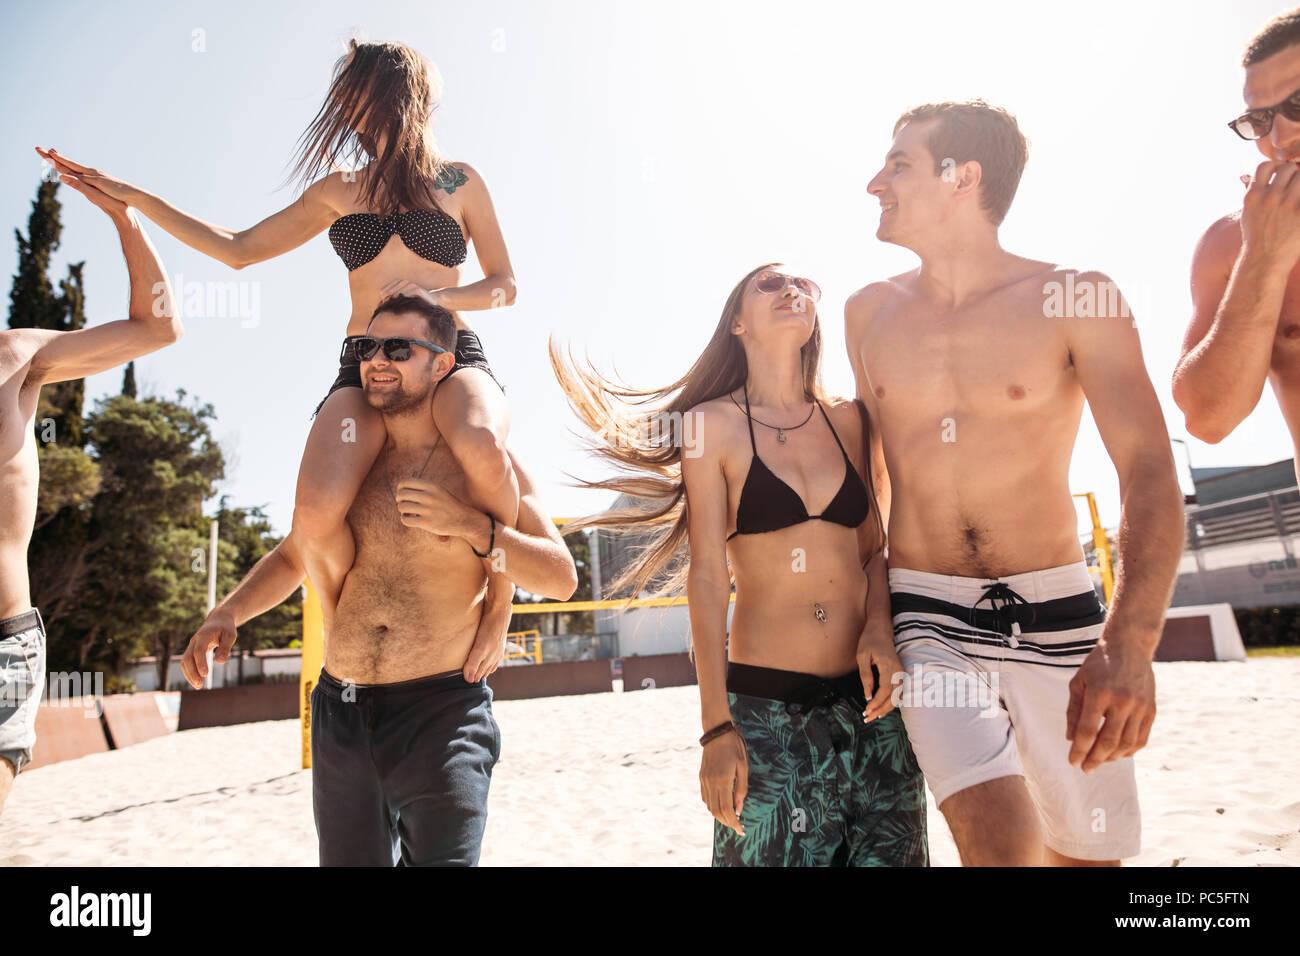 Les personnes adultes européens, joyeux gars et fille, passer leur temps libre sur le terrain de volley-ball de sable de l'hôtel, s'amuser, vivre la vie saine et active lifestyl Photo Stock